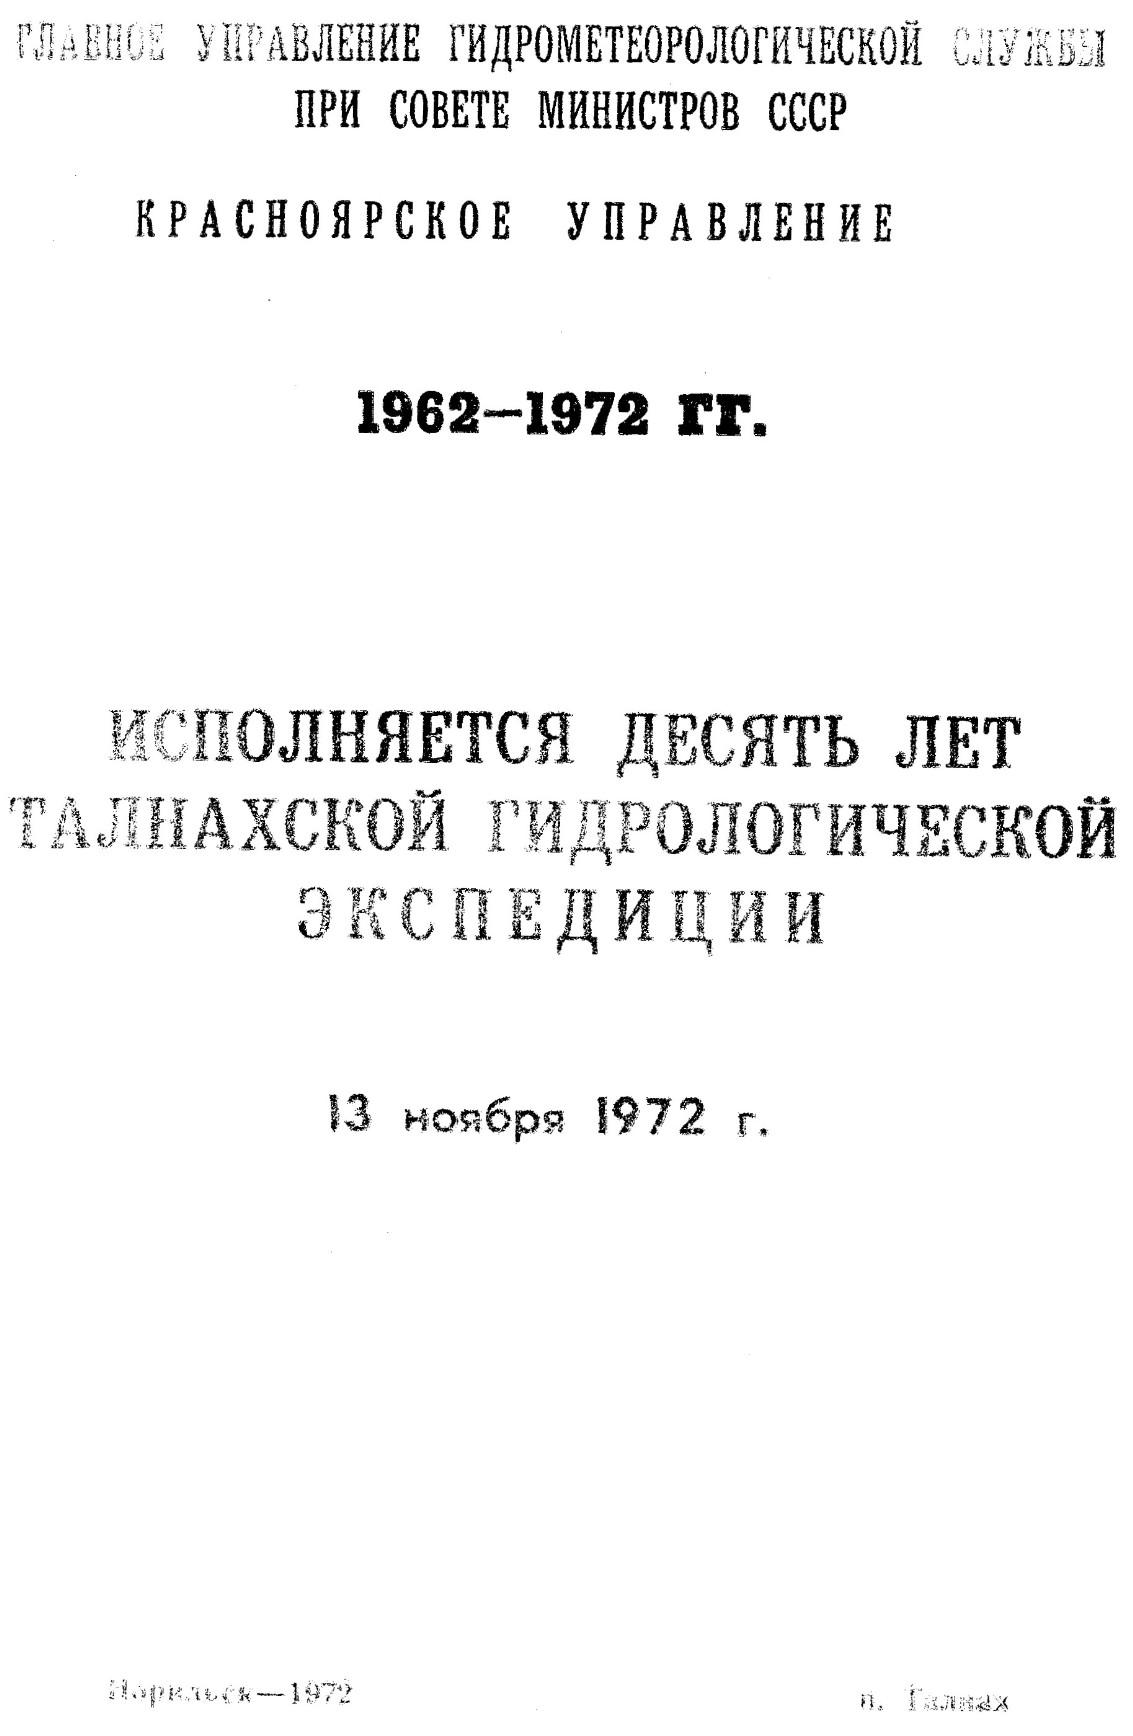 1972 г стр 1 грамота 10 летие 1972 г стр 2